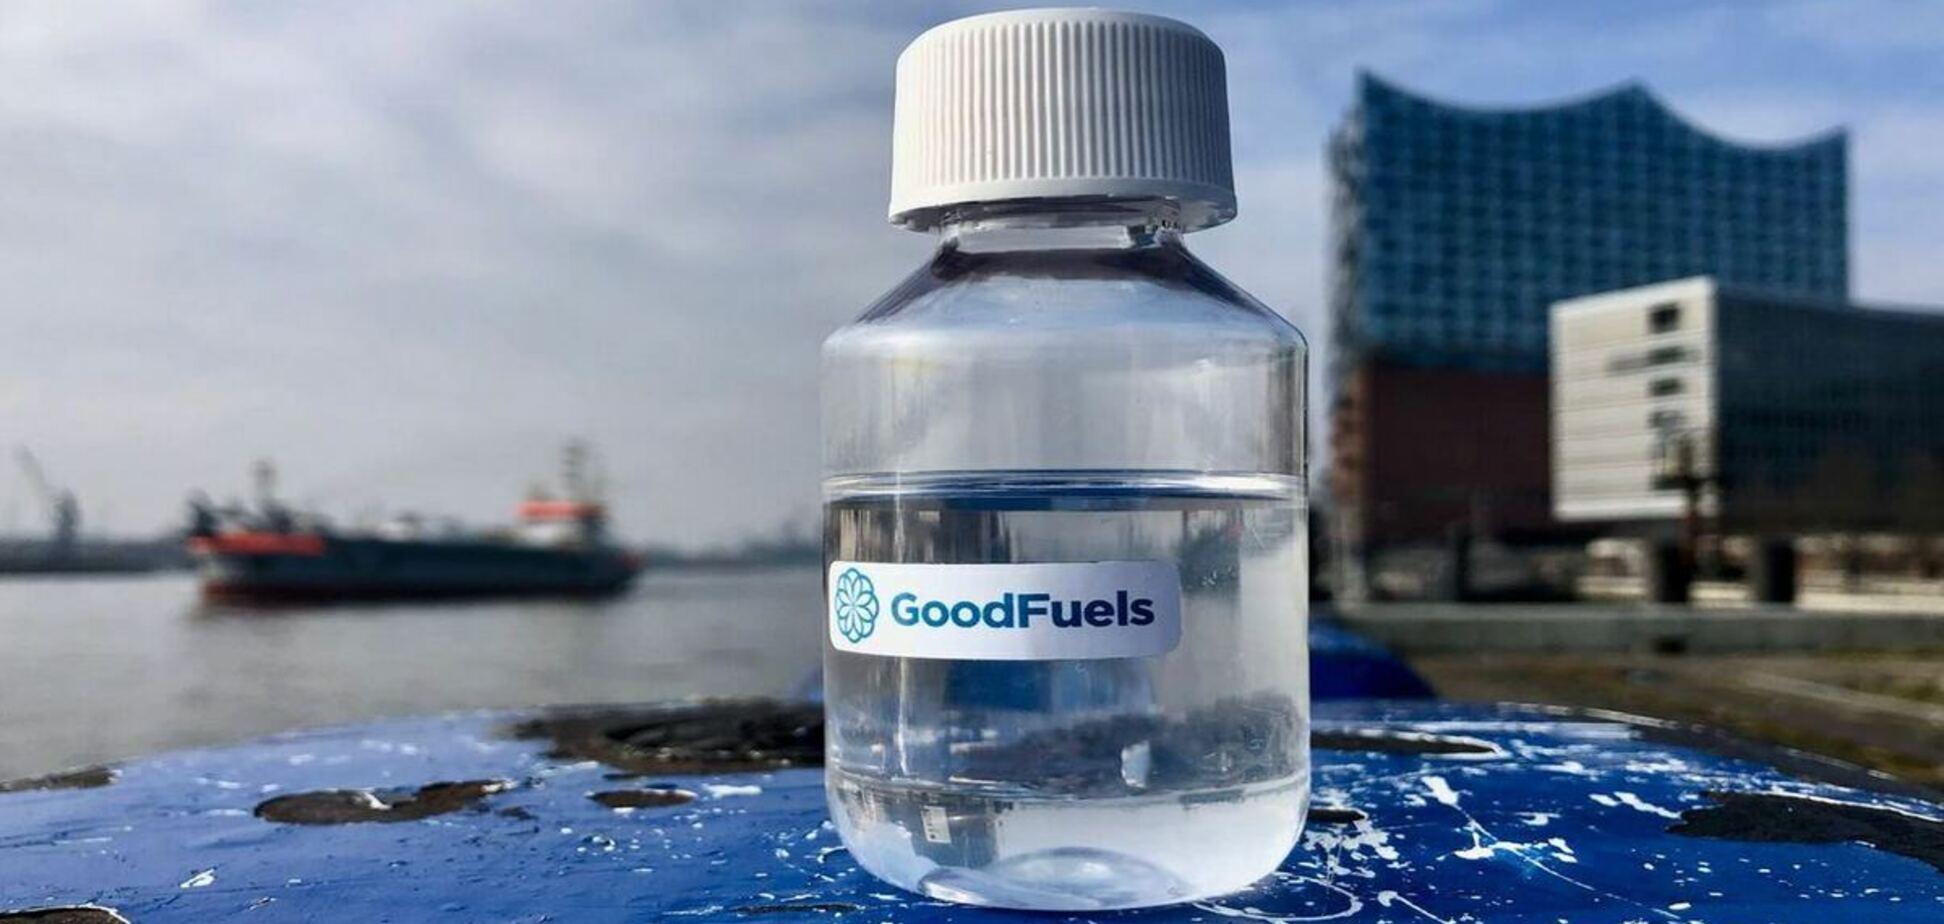 В Европе начали производство нового типа 'зеленого' топлива для морского транспорта